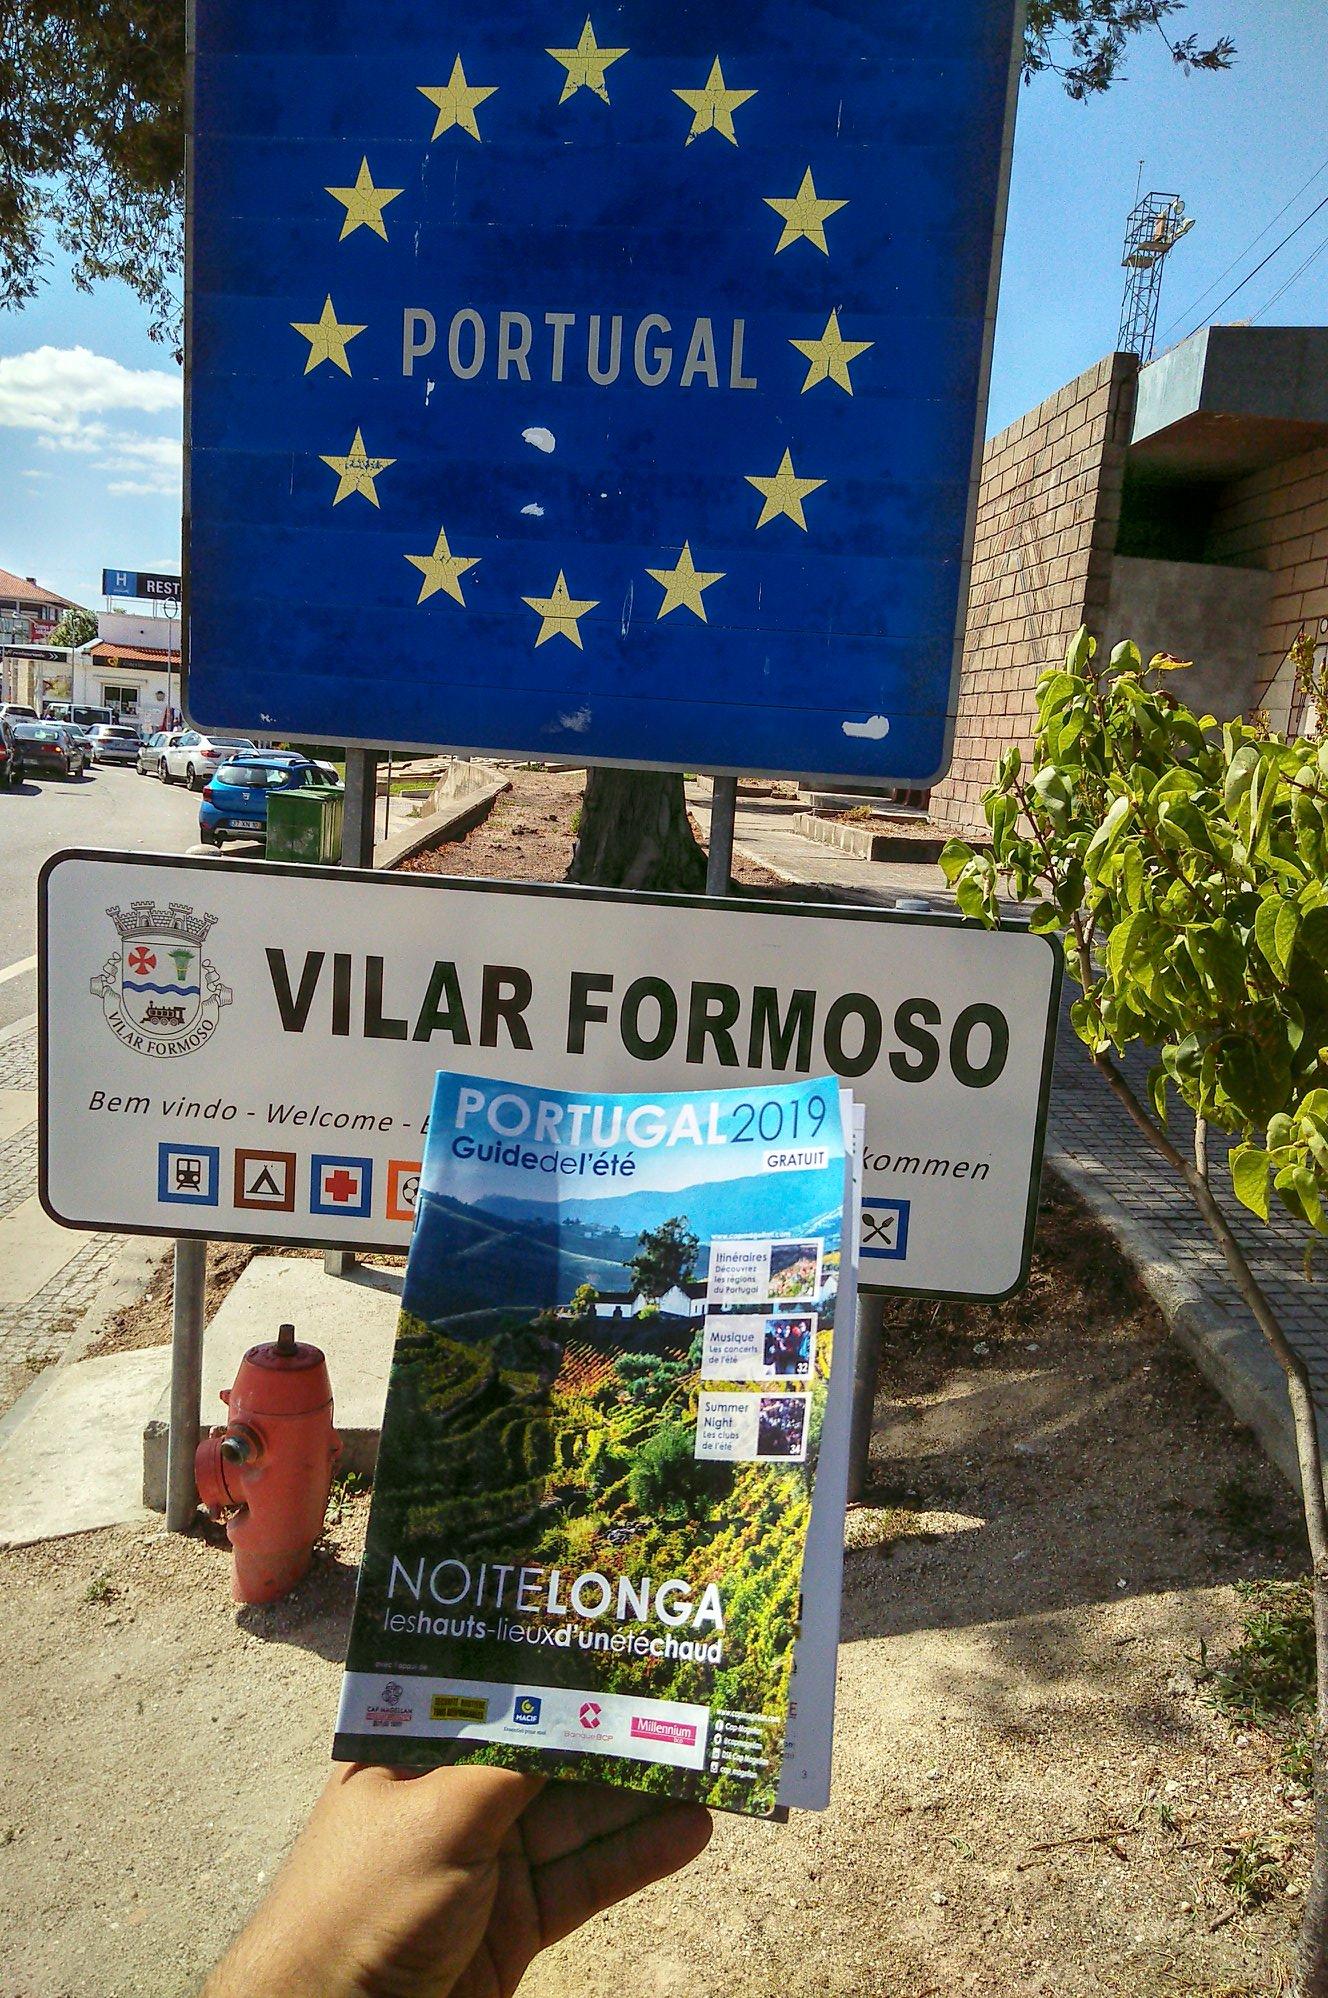 Cap Magellan à Vilar Formoso, les 27 et 28 juillet 2019